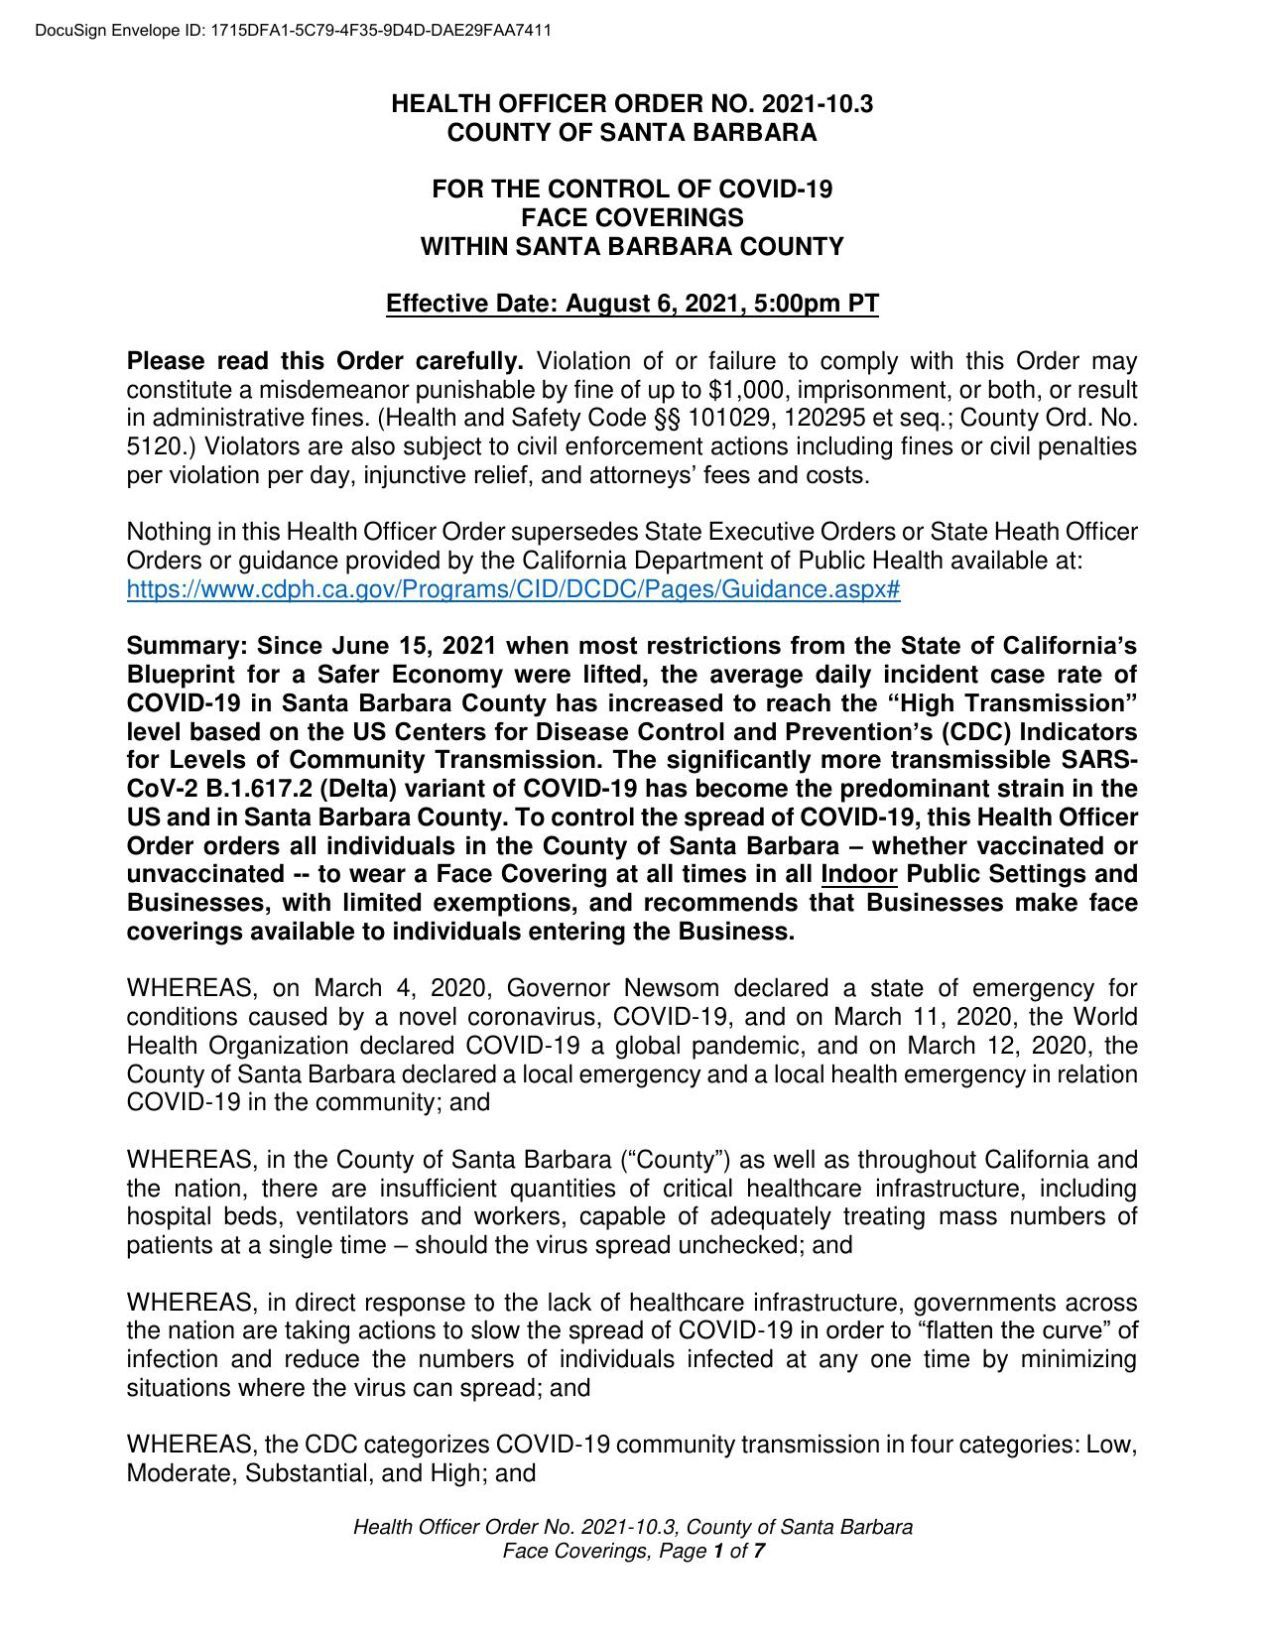 HEALTH OFFICER ORDER NO. 2021-10.3 COUNTY OF SANTA BARBARA